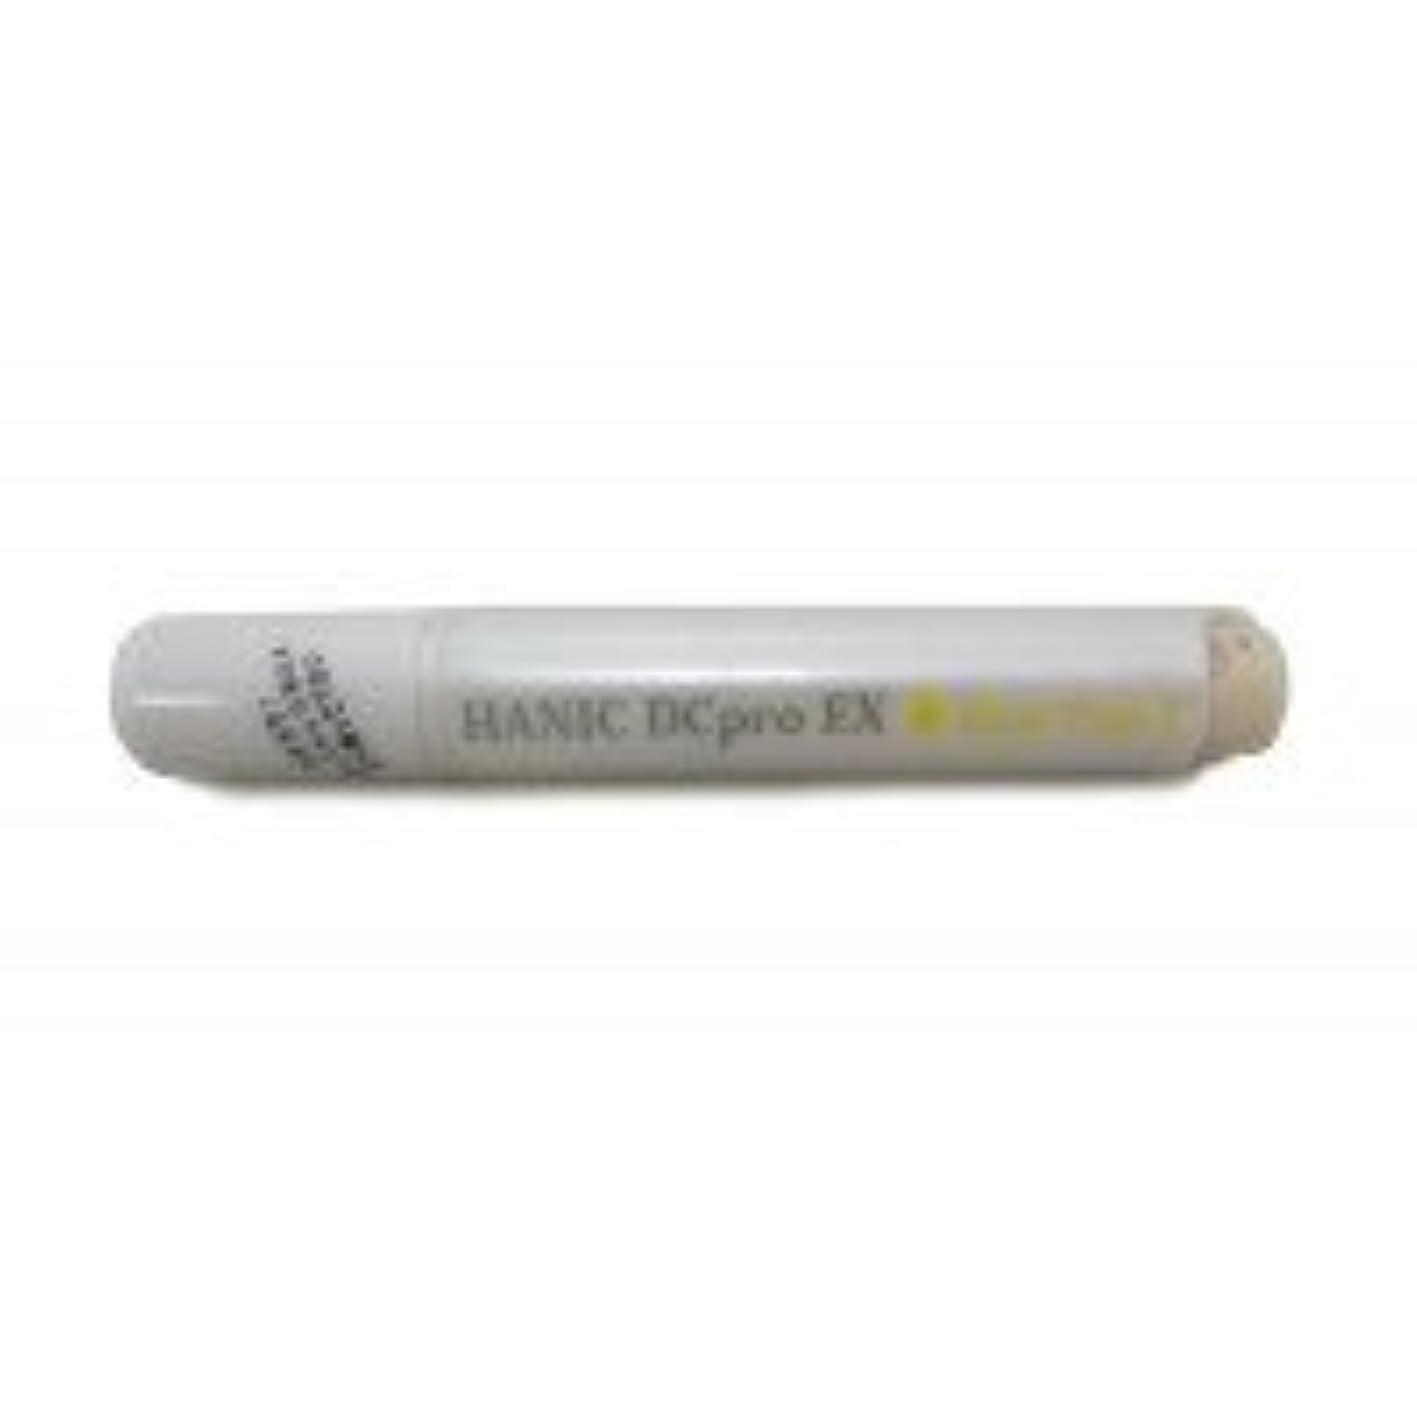 フォルダバター設計図HANIC DCpro EX ベースコートイエロー